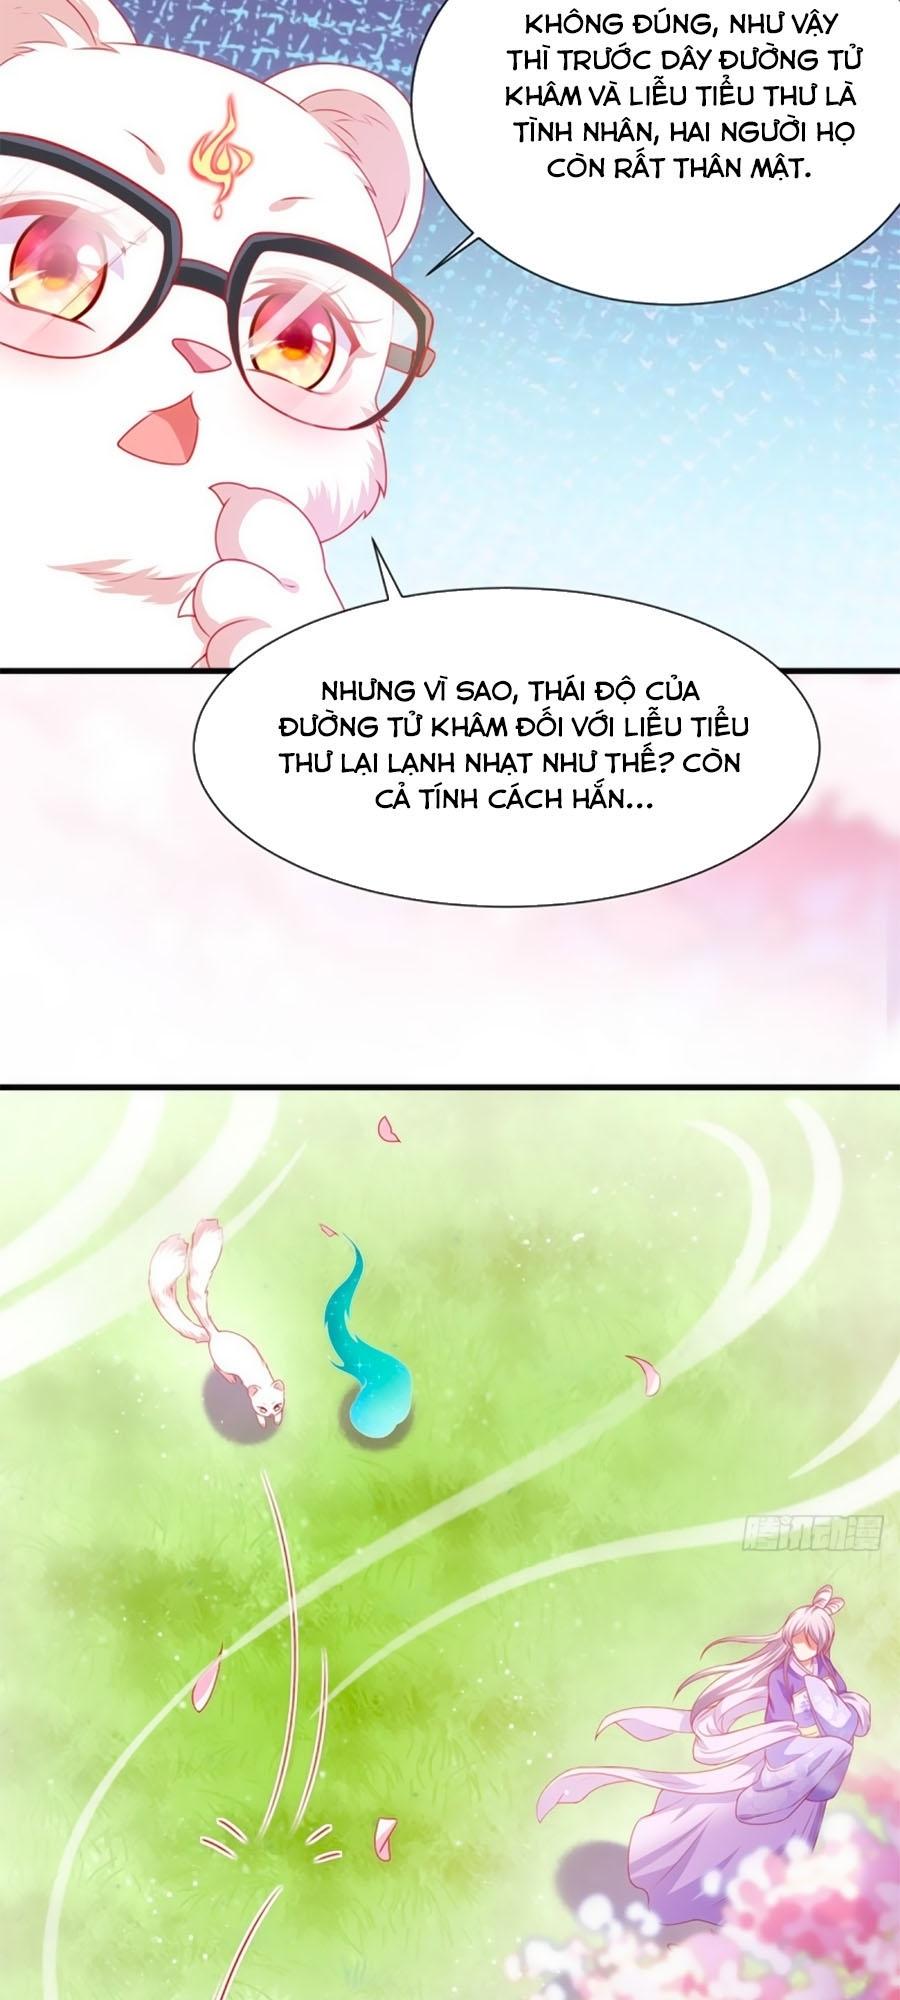 Dưỡng Thú Vi Phi chap 36 - Trang 13